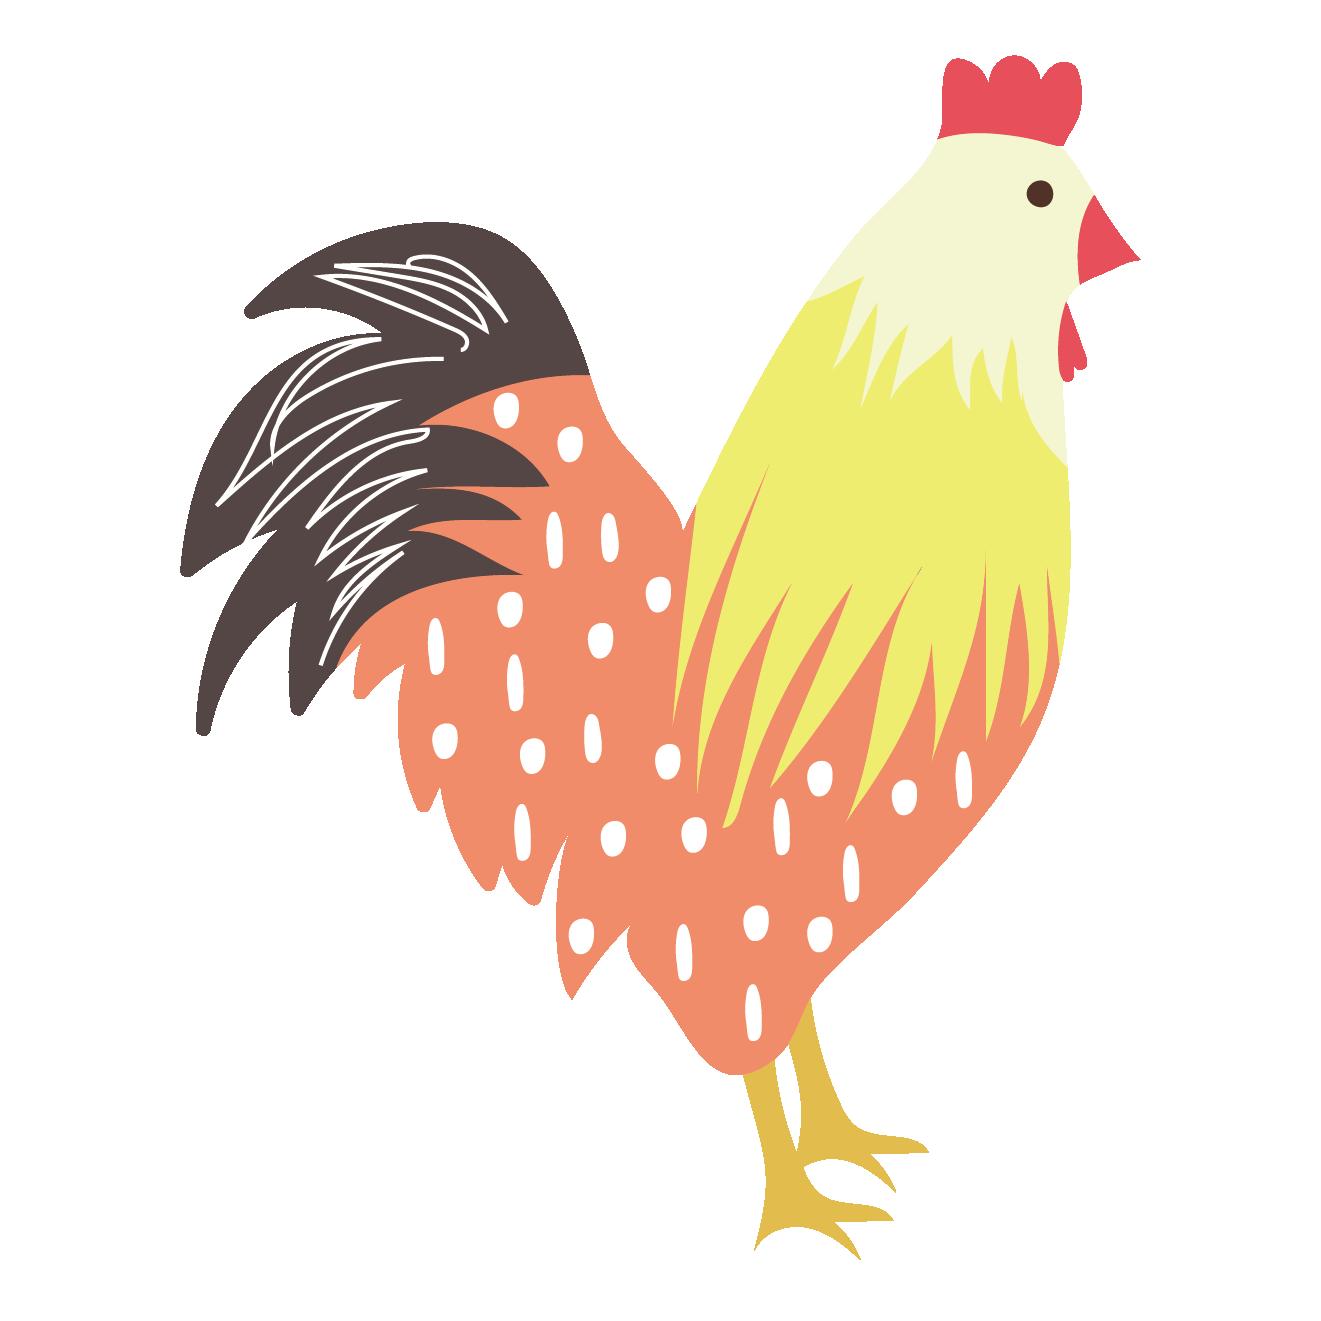 酉年 水玉(ドット)柄の可愛い鶏(にわとり)のイラスト   商用フリー